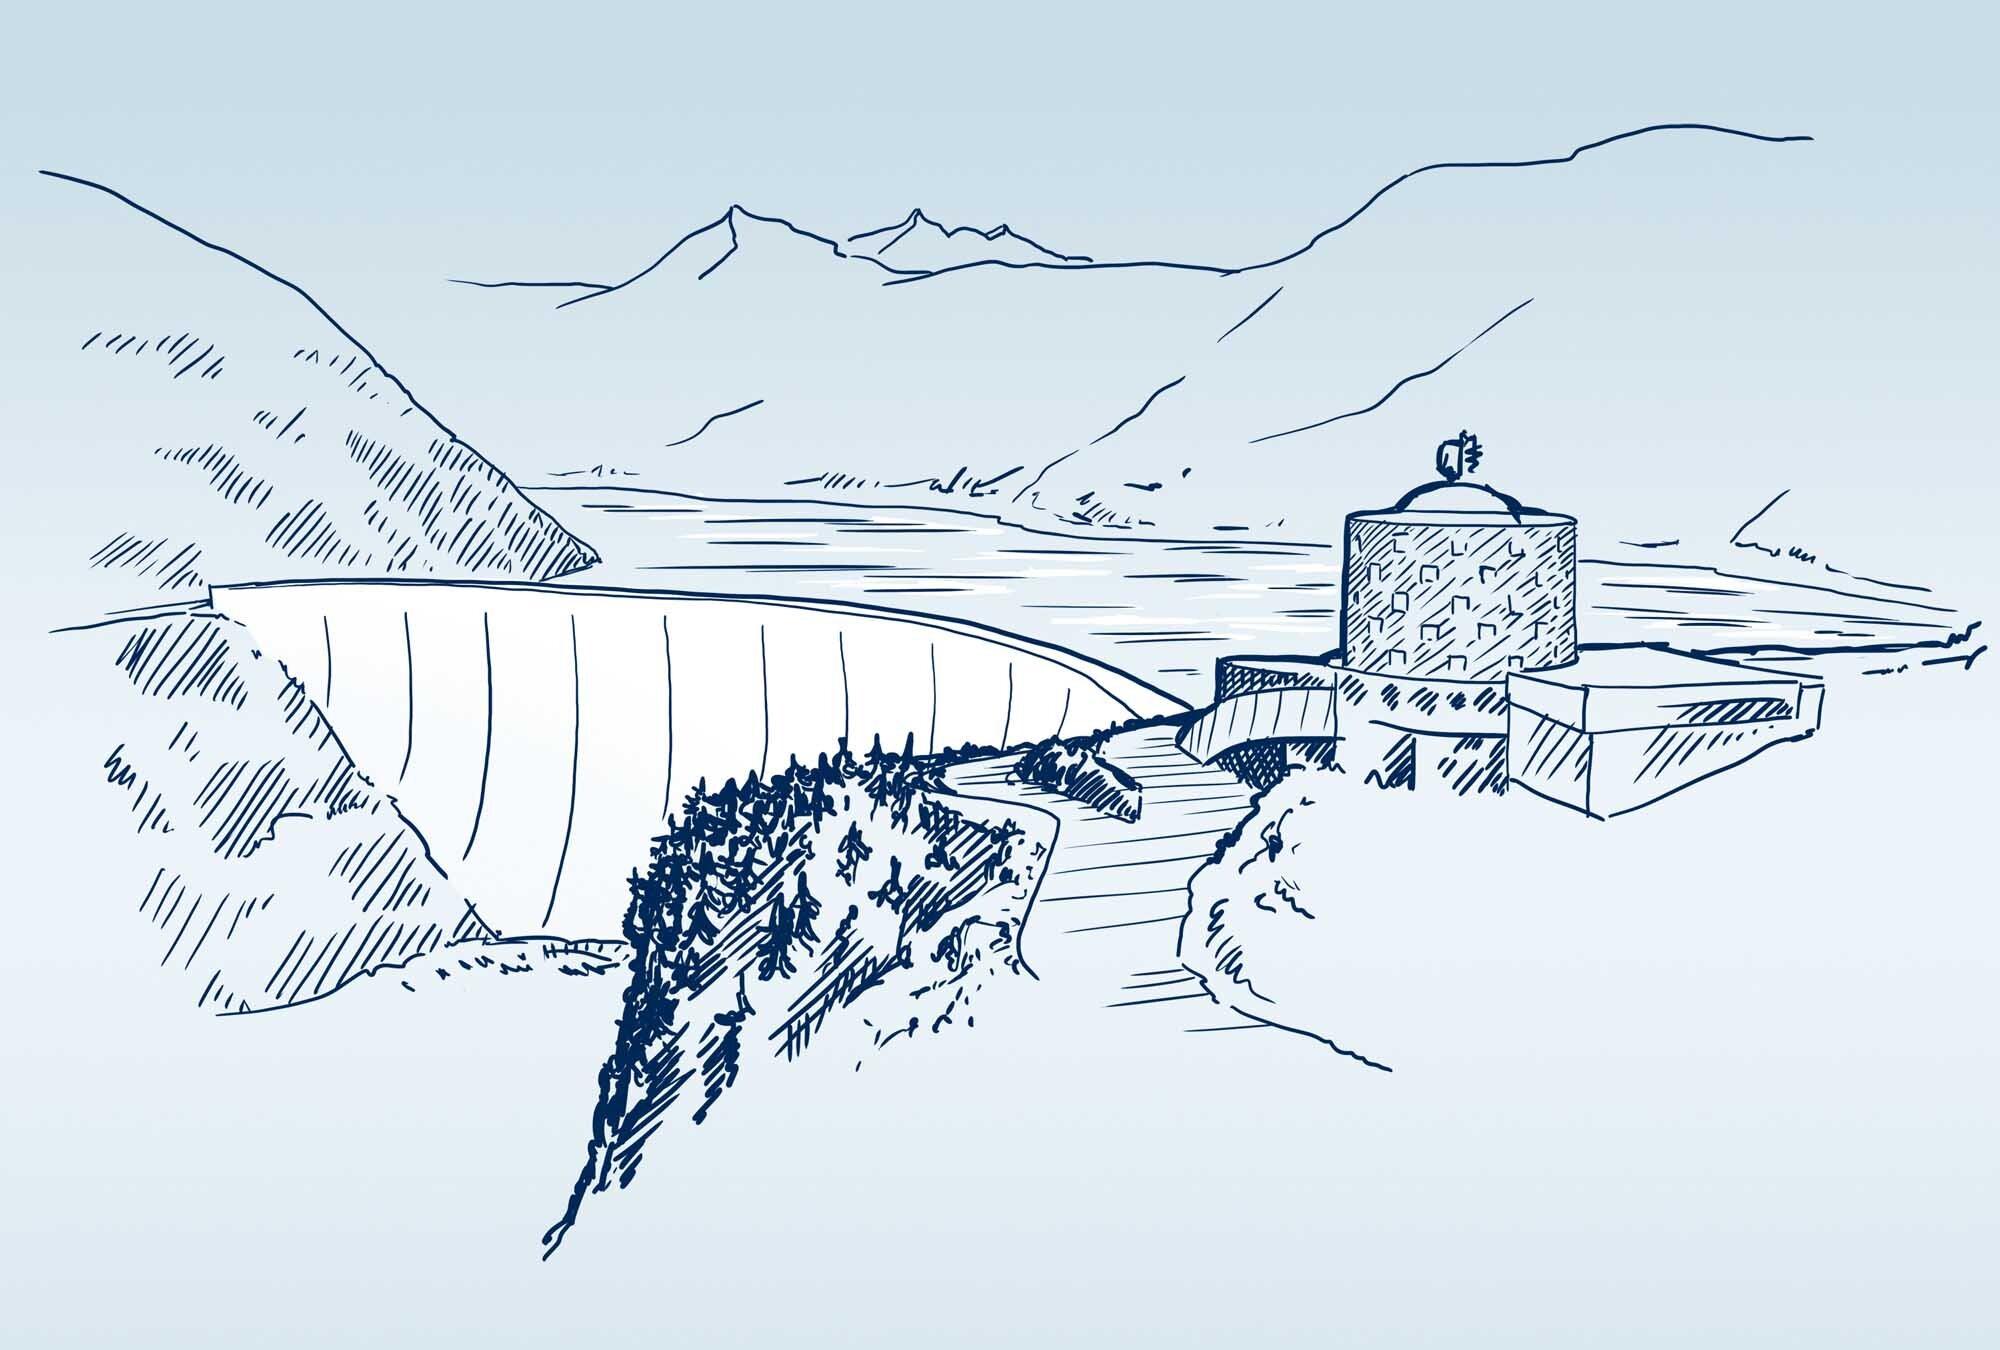 Wasserkraftwerk | Haslinger / Nagele, Illustration: Karlheinz Wasserbacher